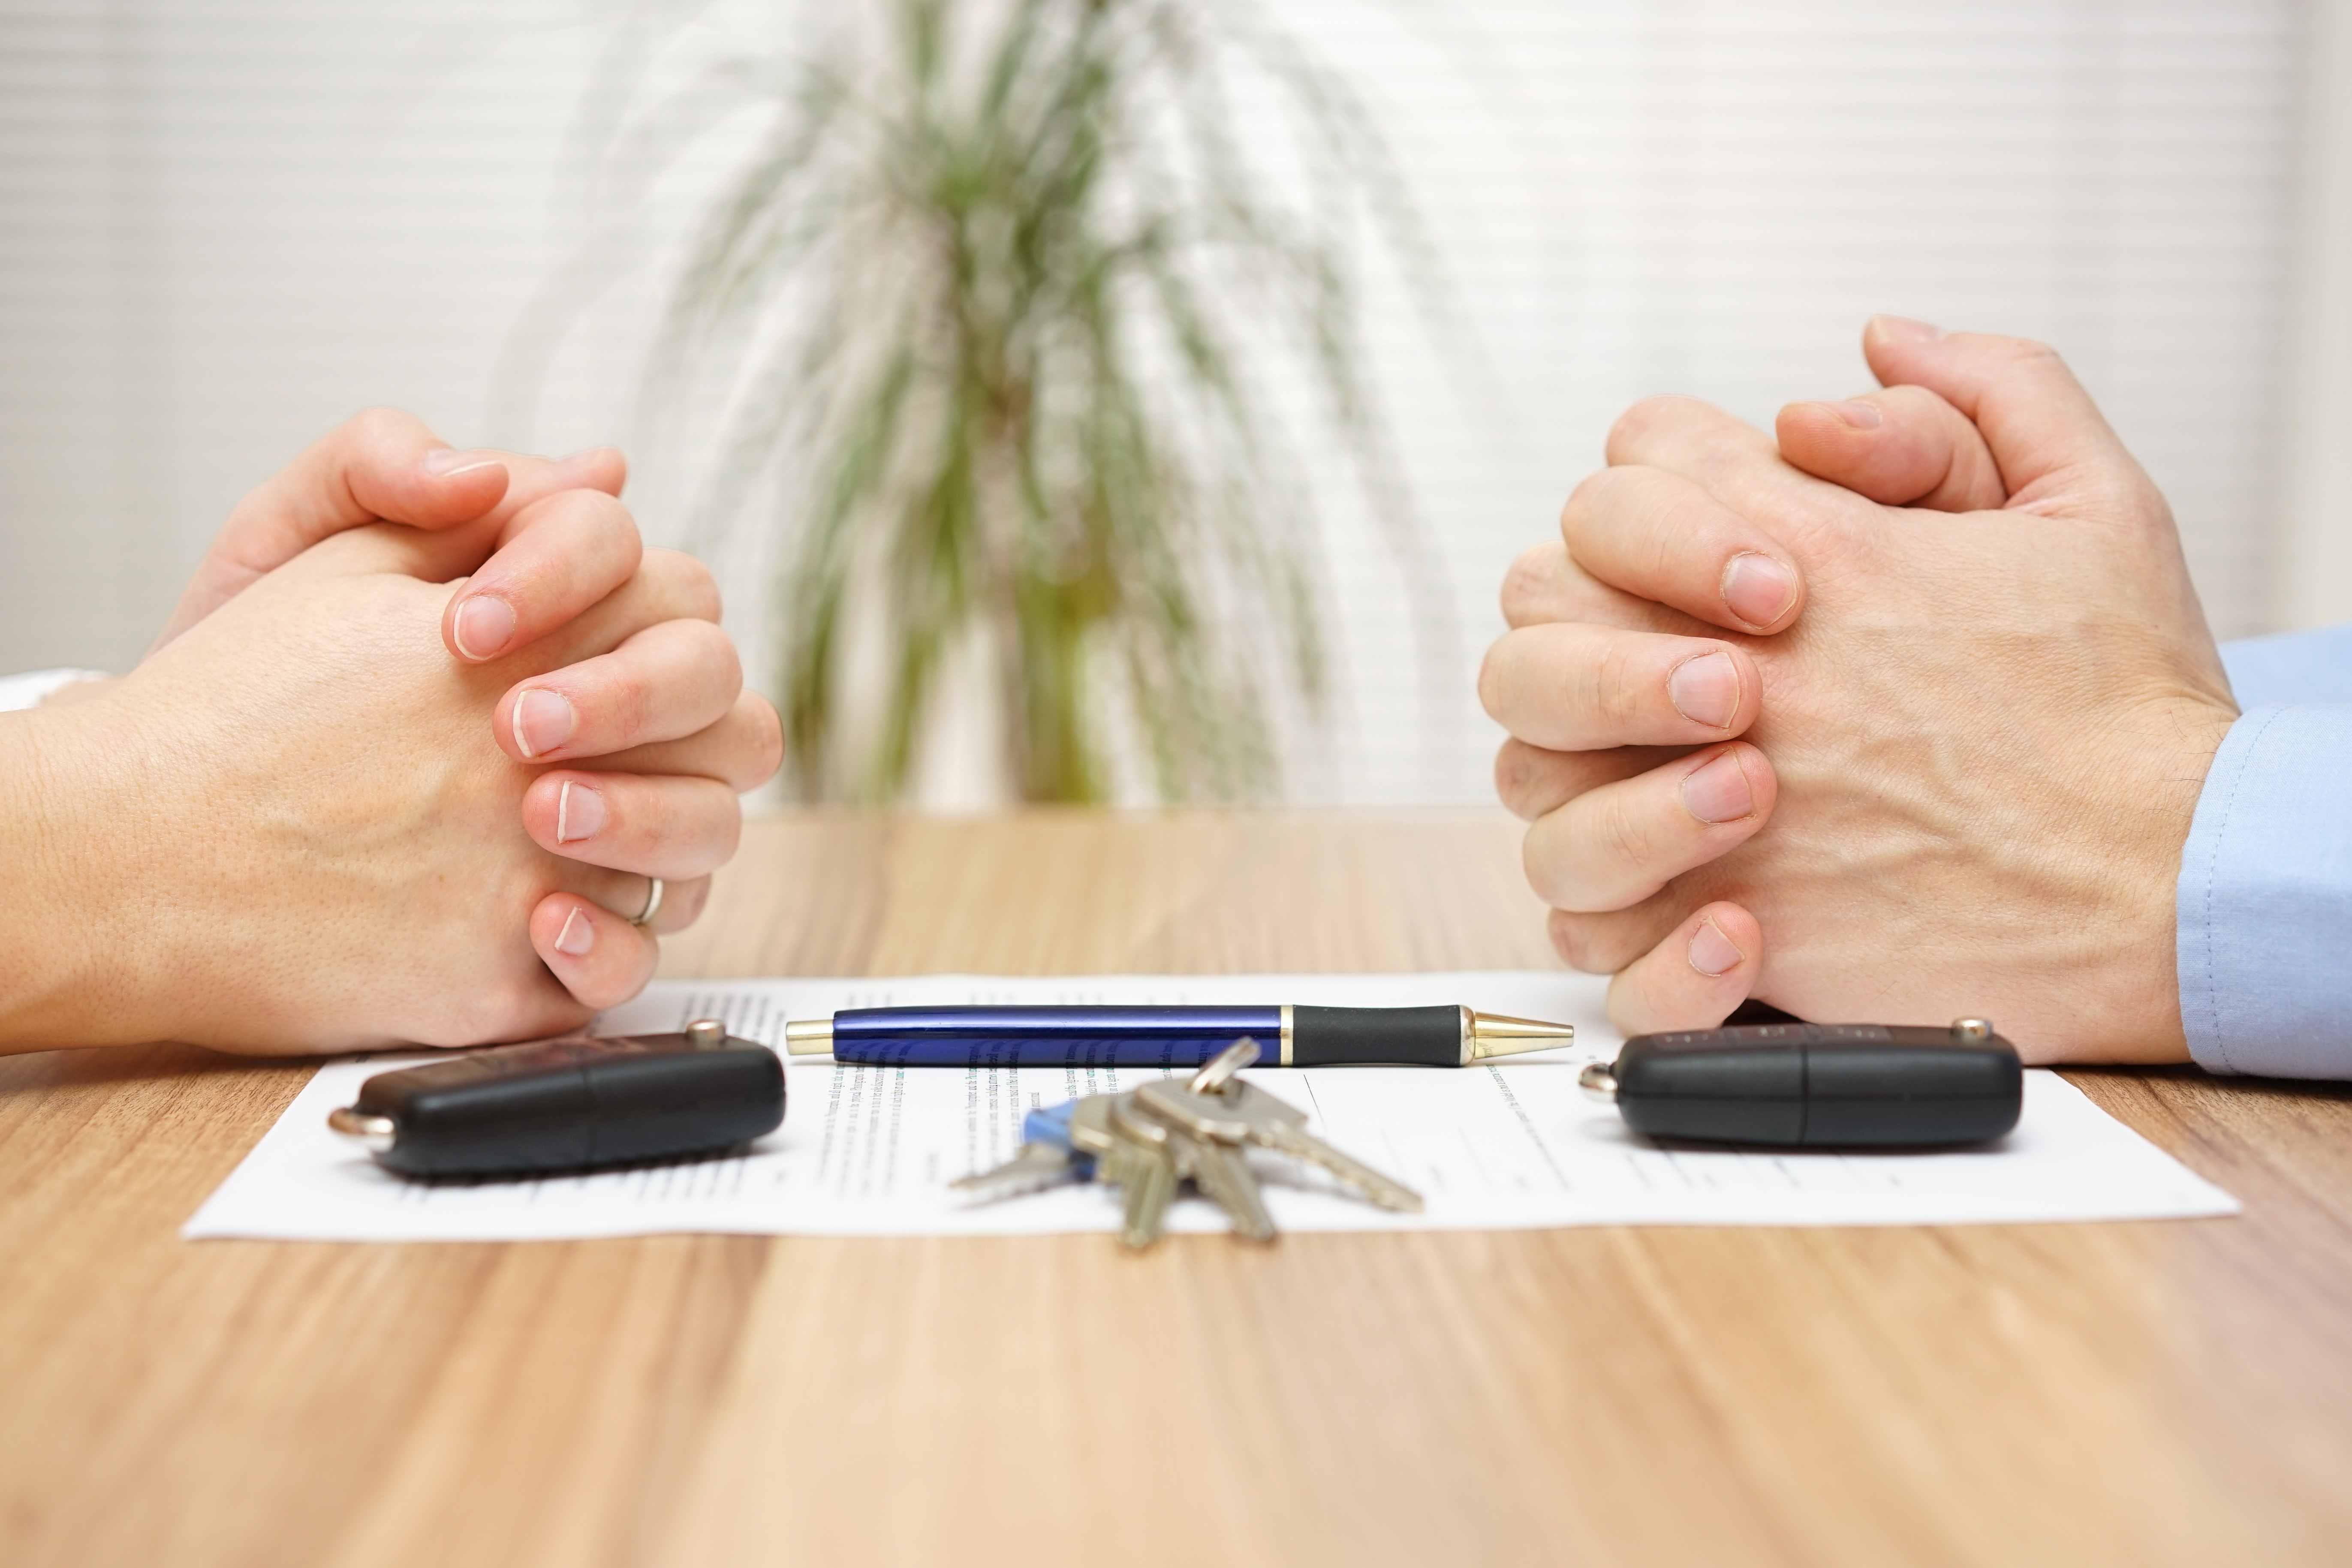 Раздел имущества: как при разводе делится машина